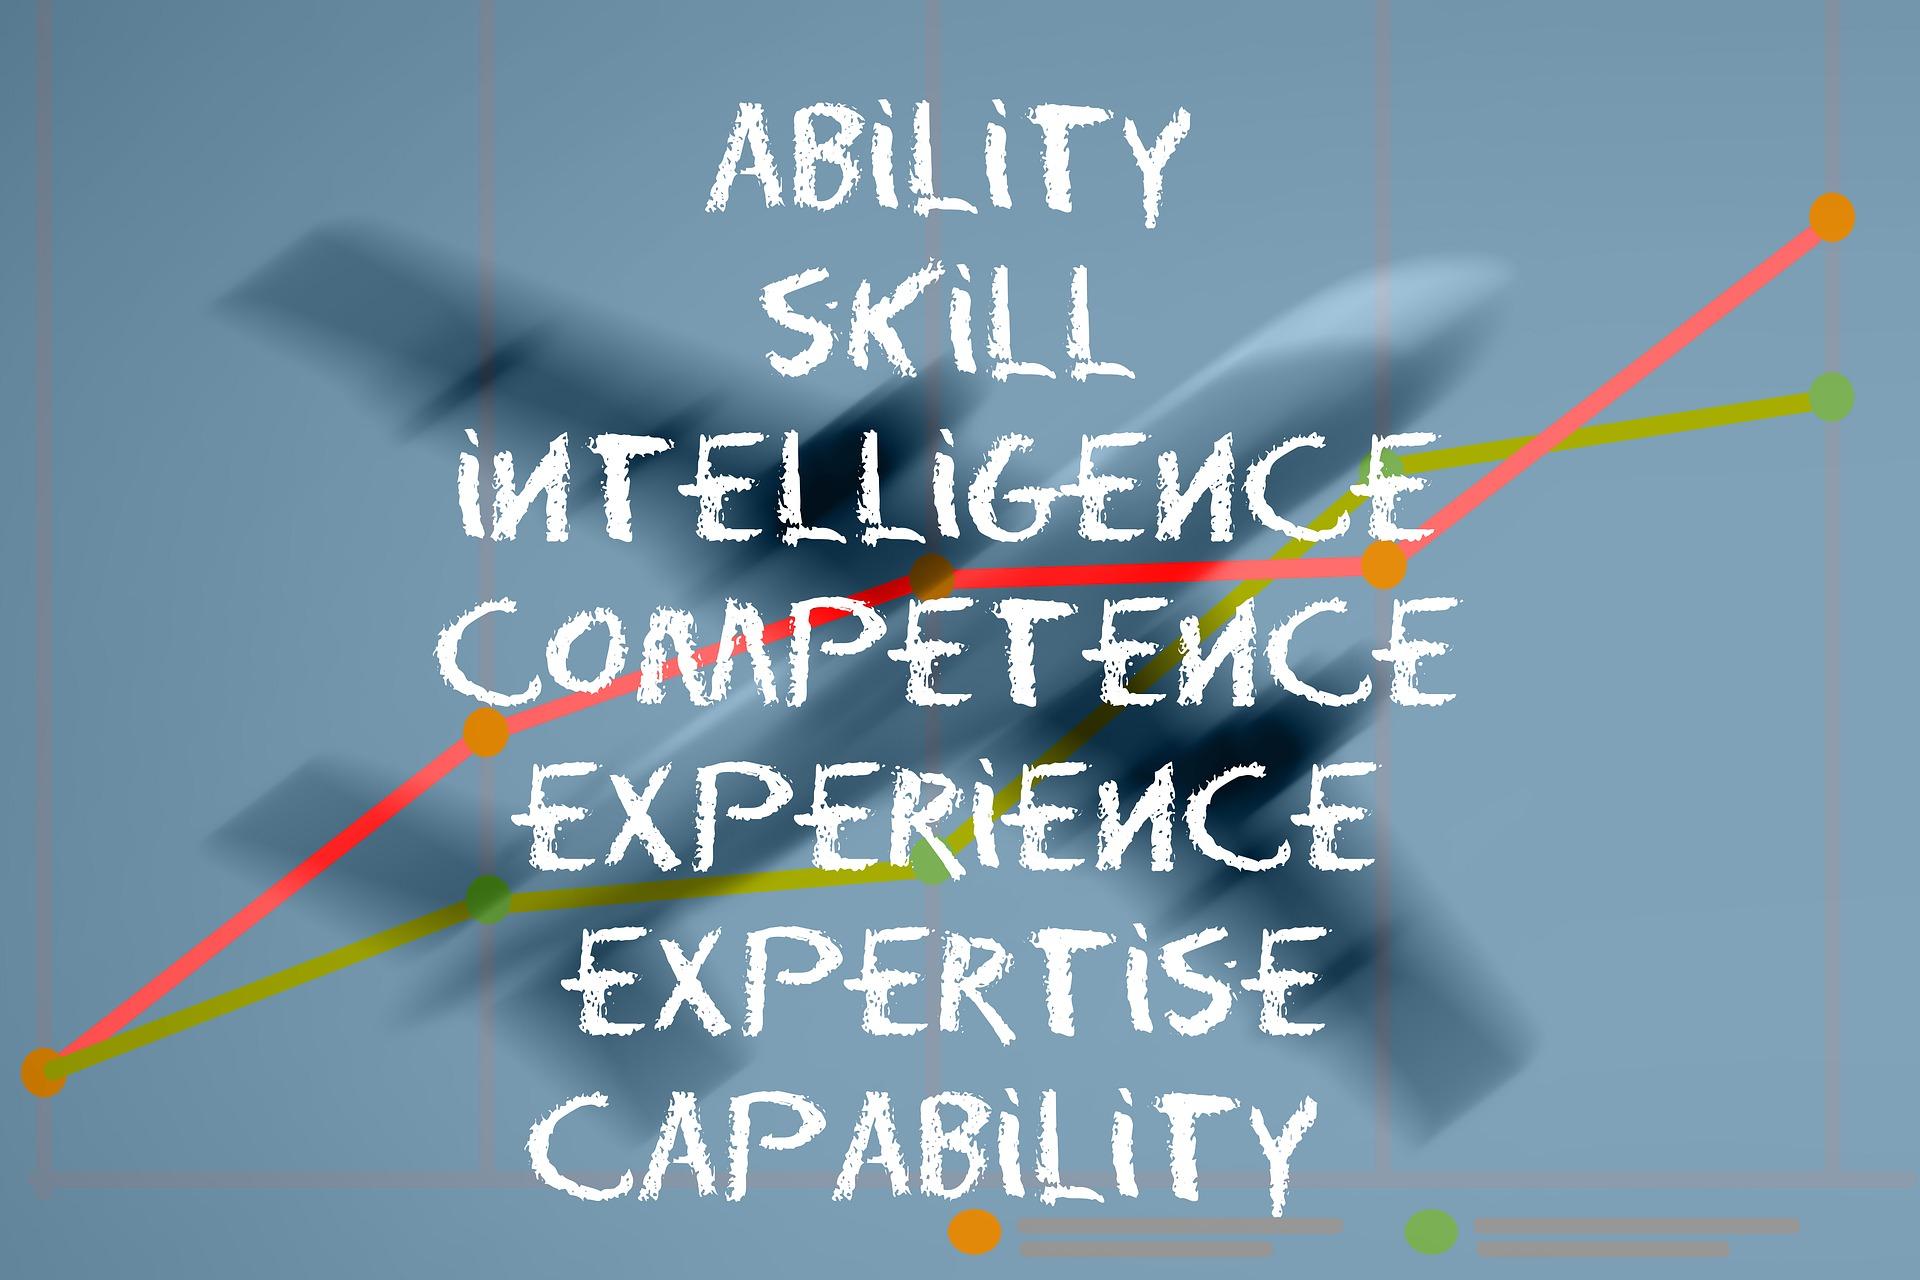 Education and Skills - Employability